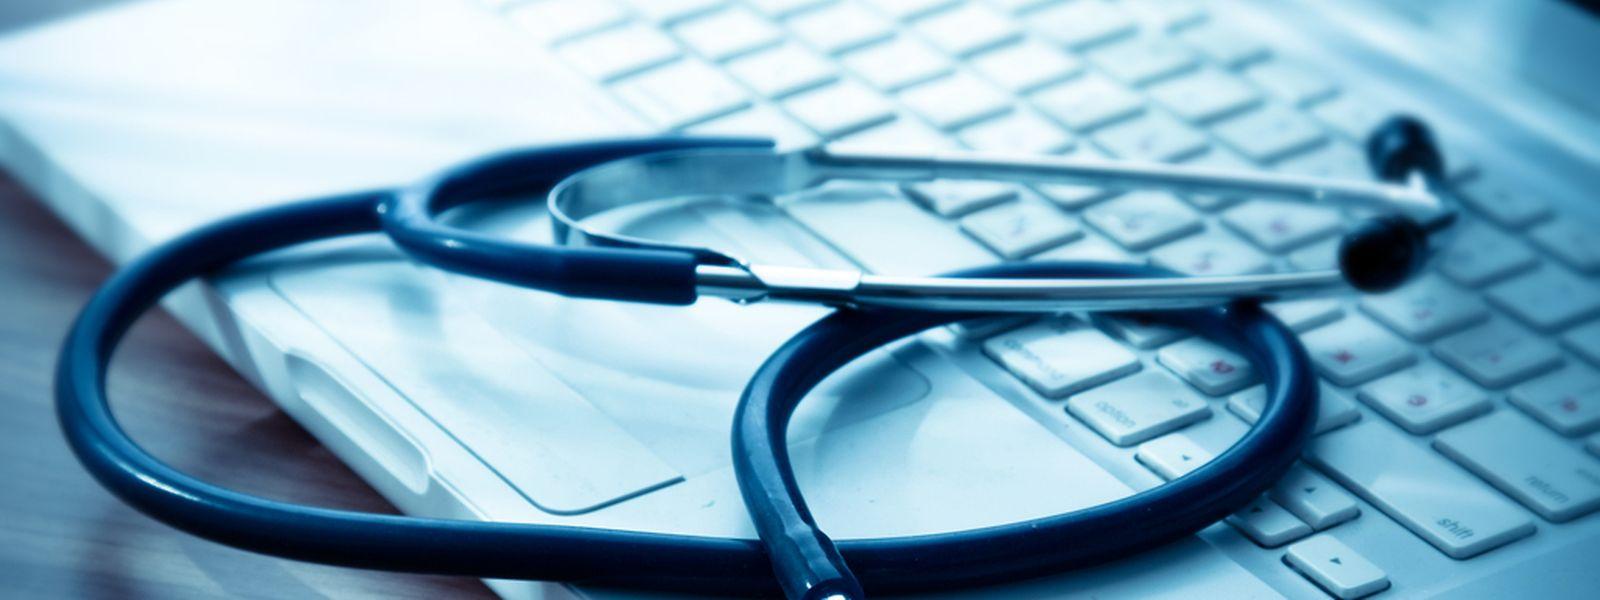 Ein Arzt hatte sein Passwort zur Datenbank des sportmedizinischen Dienstes auf ein Post-It geschrieben und es am Computerbildschirm befestigt. Dort entdeckte es Sven Clement und loggte sich anschließend in die Datenbank ein.